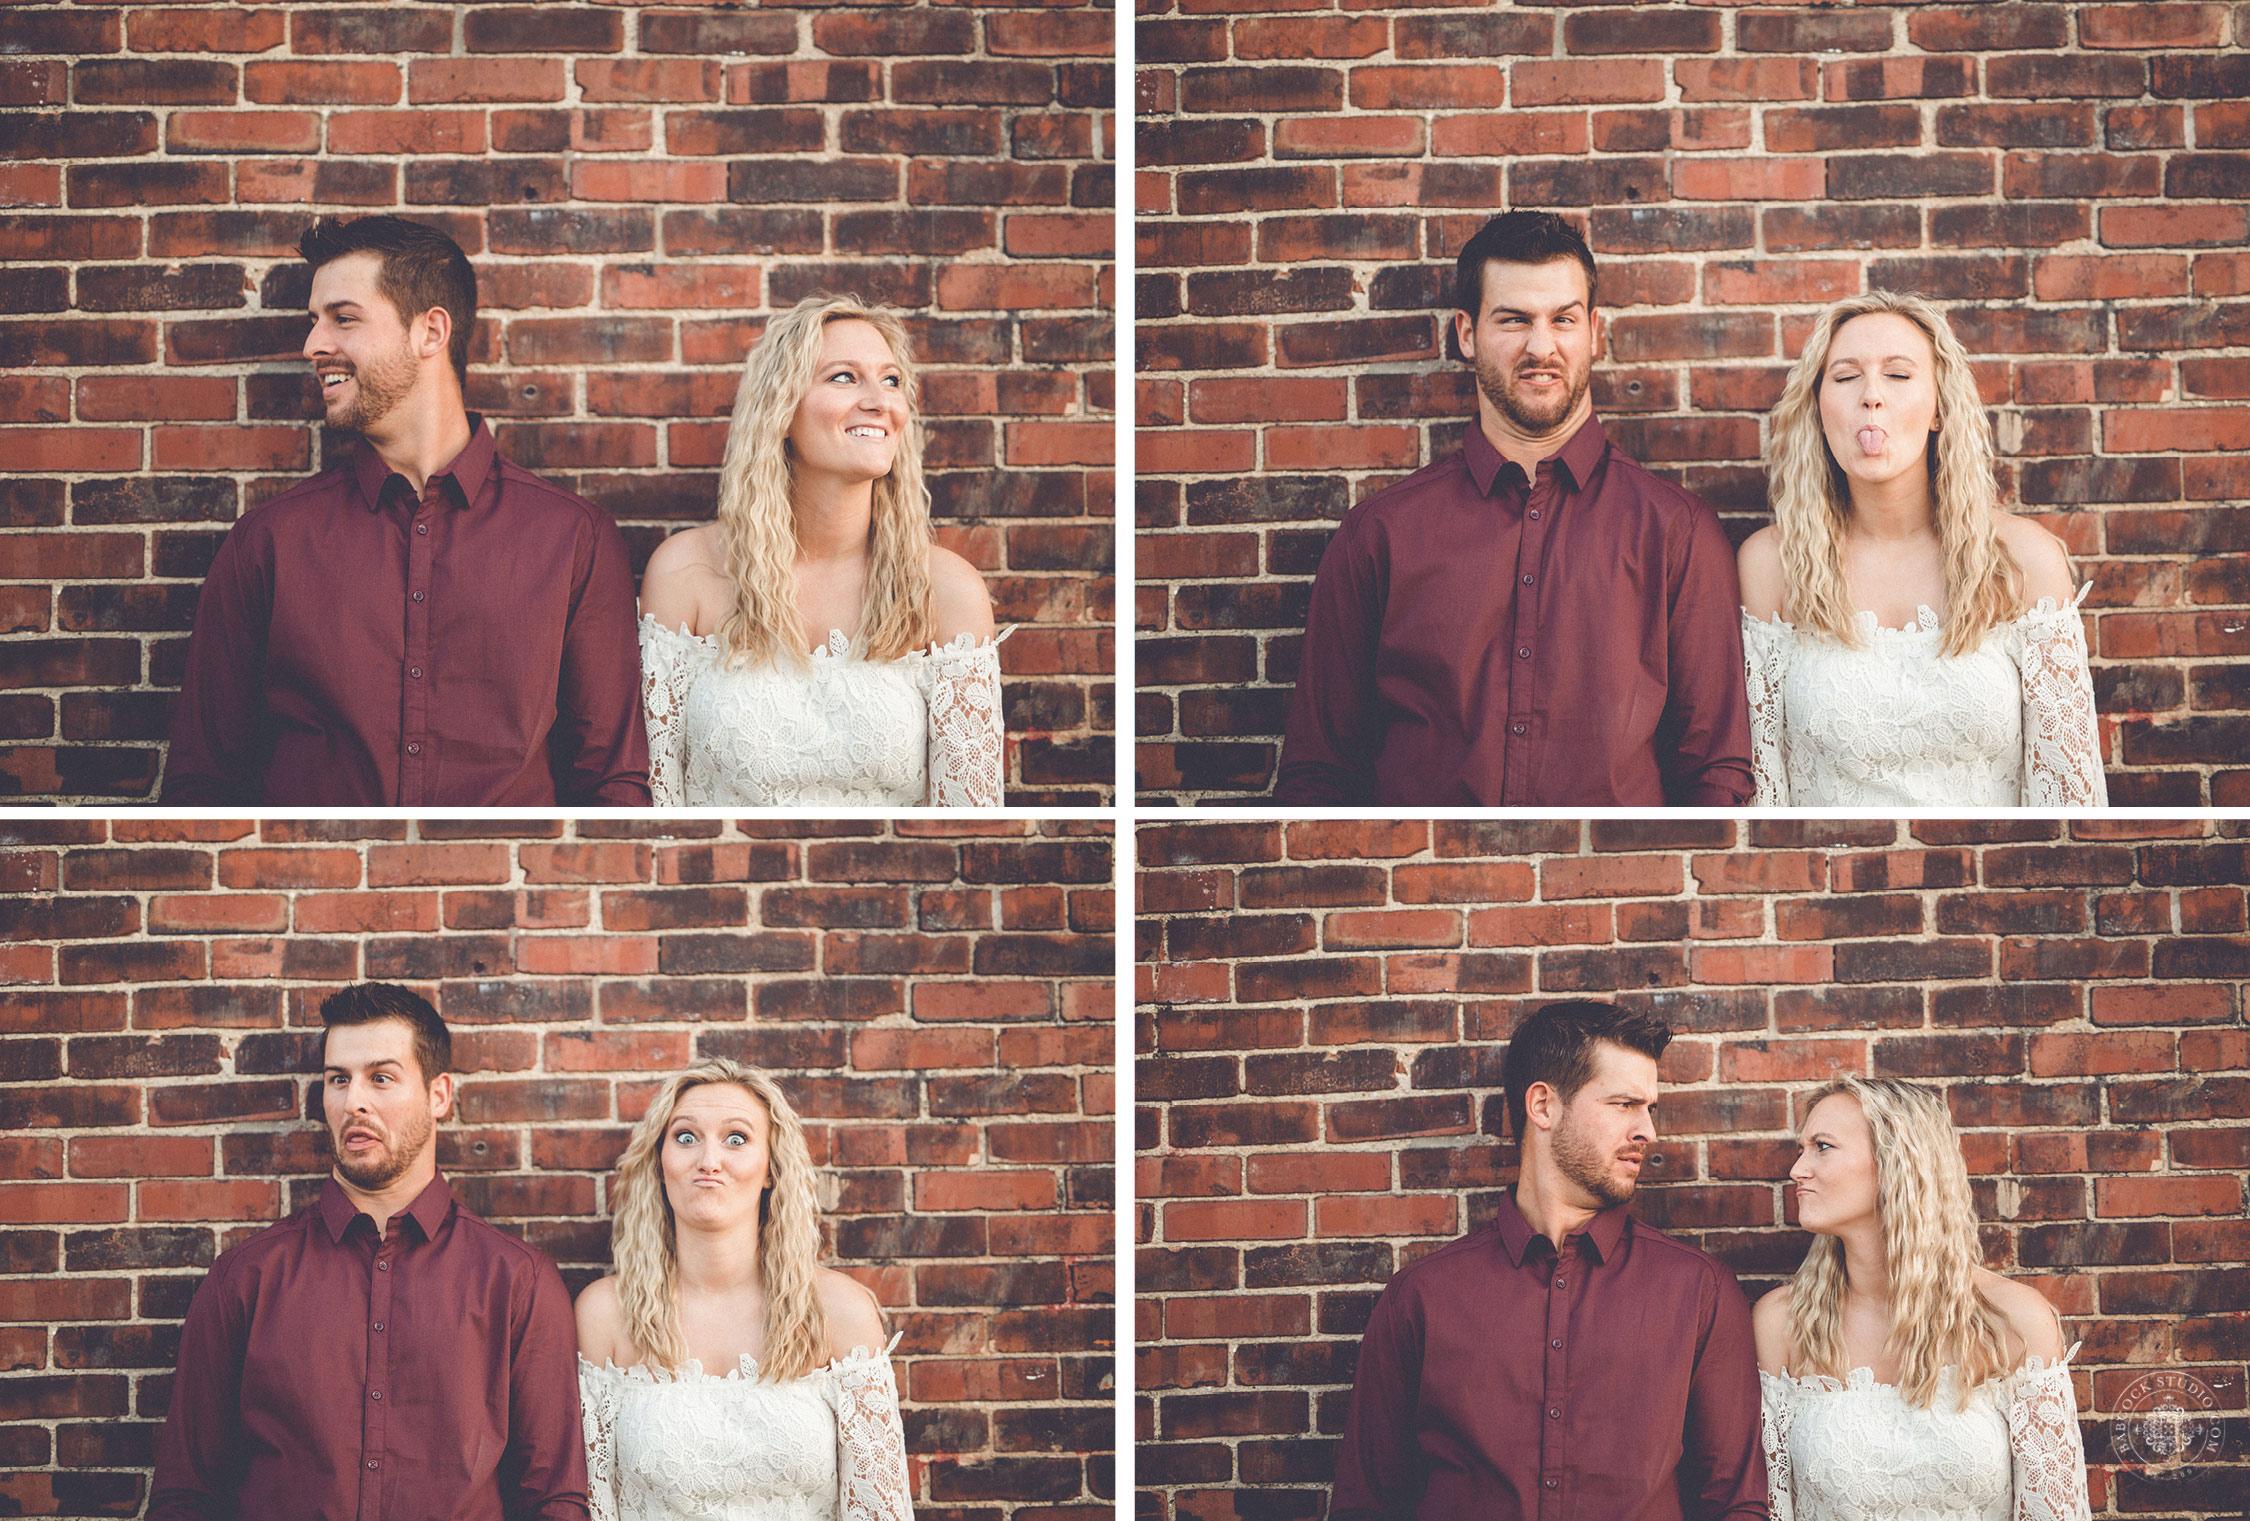 briana-ryan-engagement-photographer-dayton-ohio-11.jpg